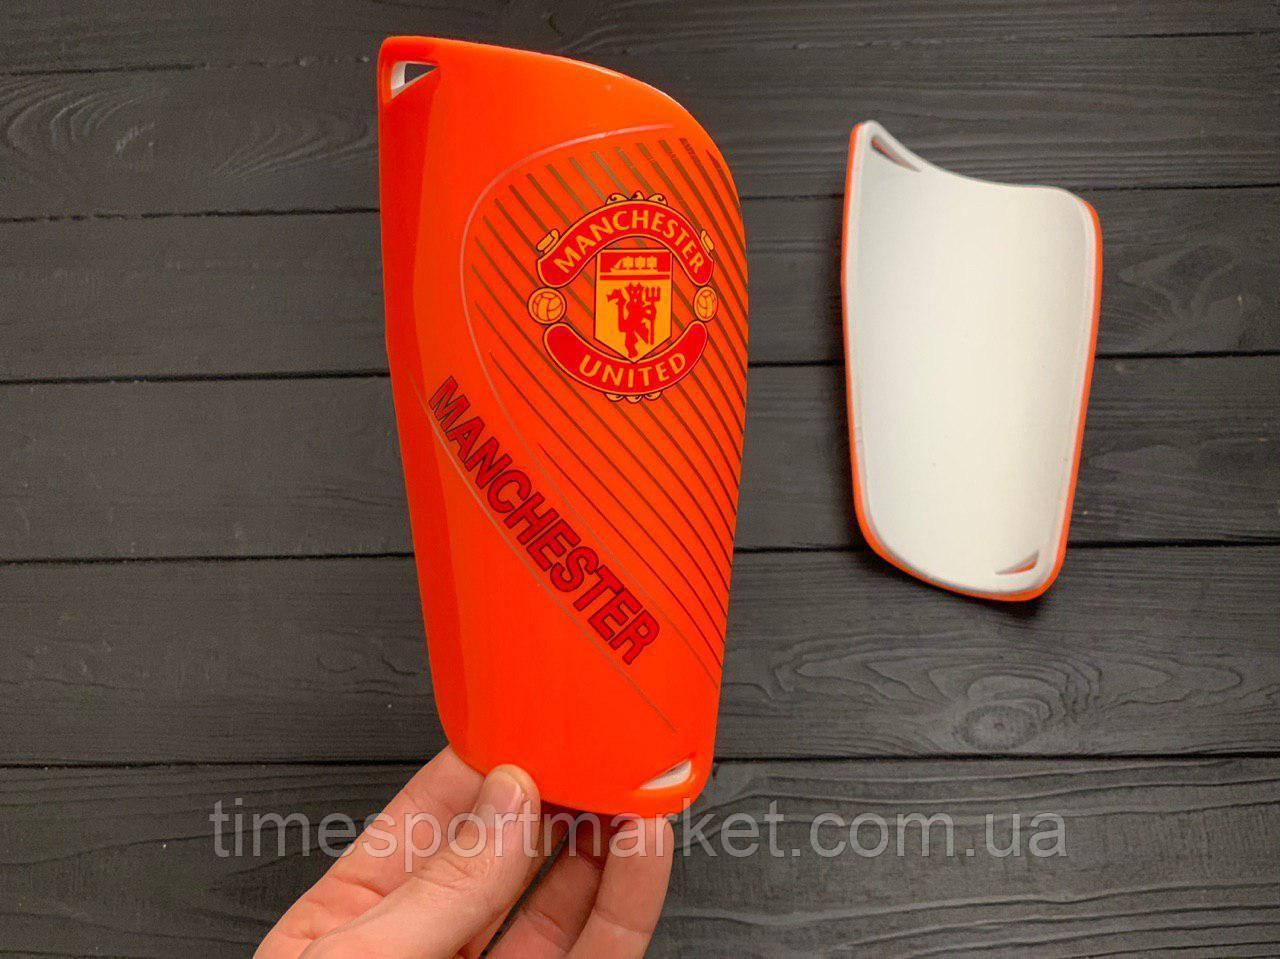 Щитки для футбола  Манчестер Юнайтед оранжевые 1084